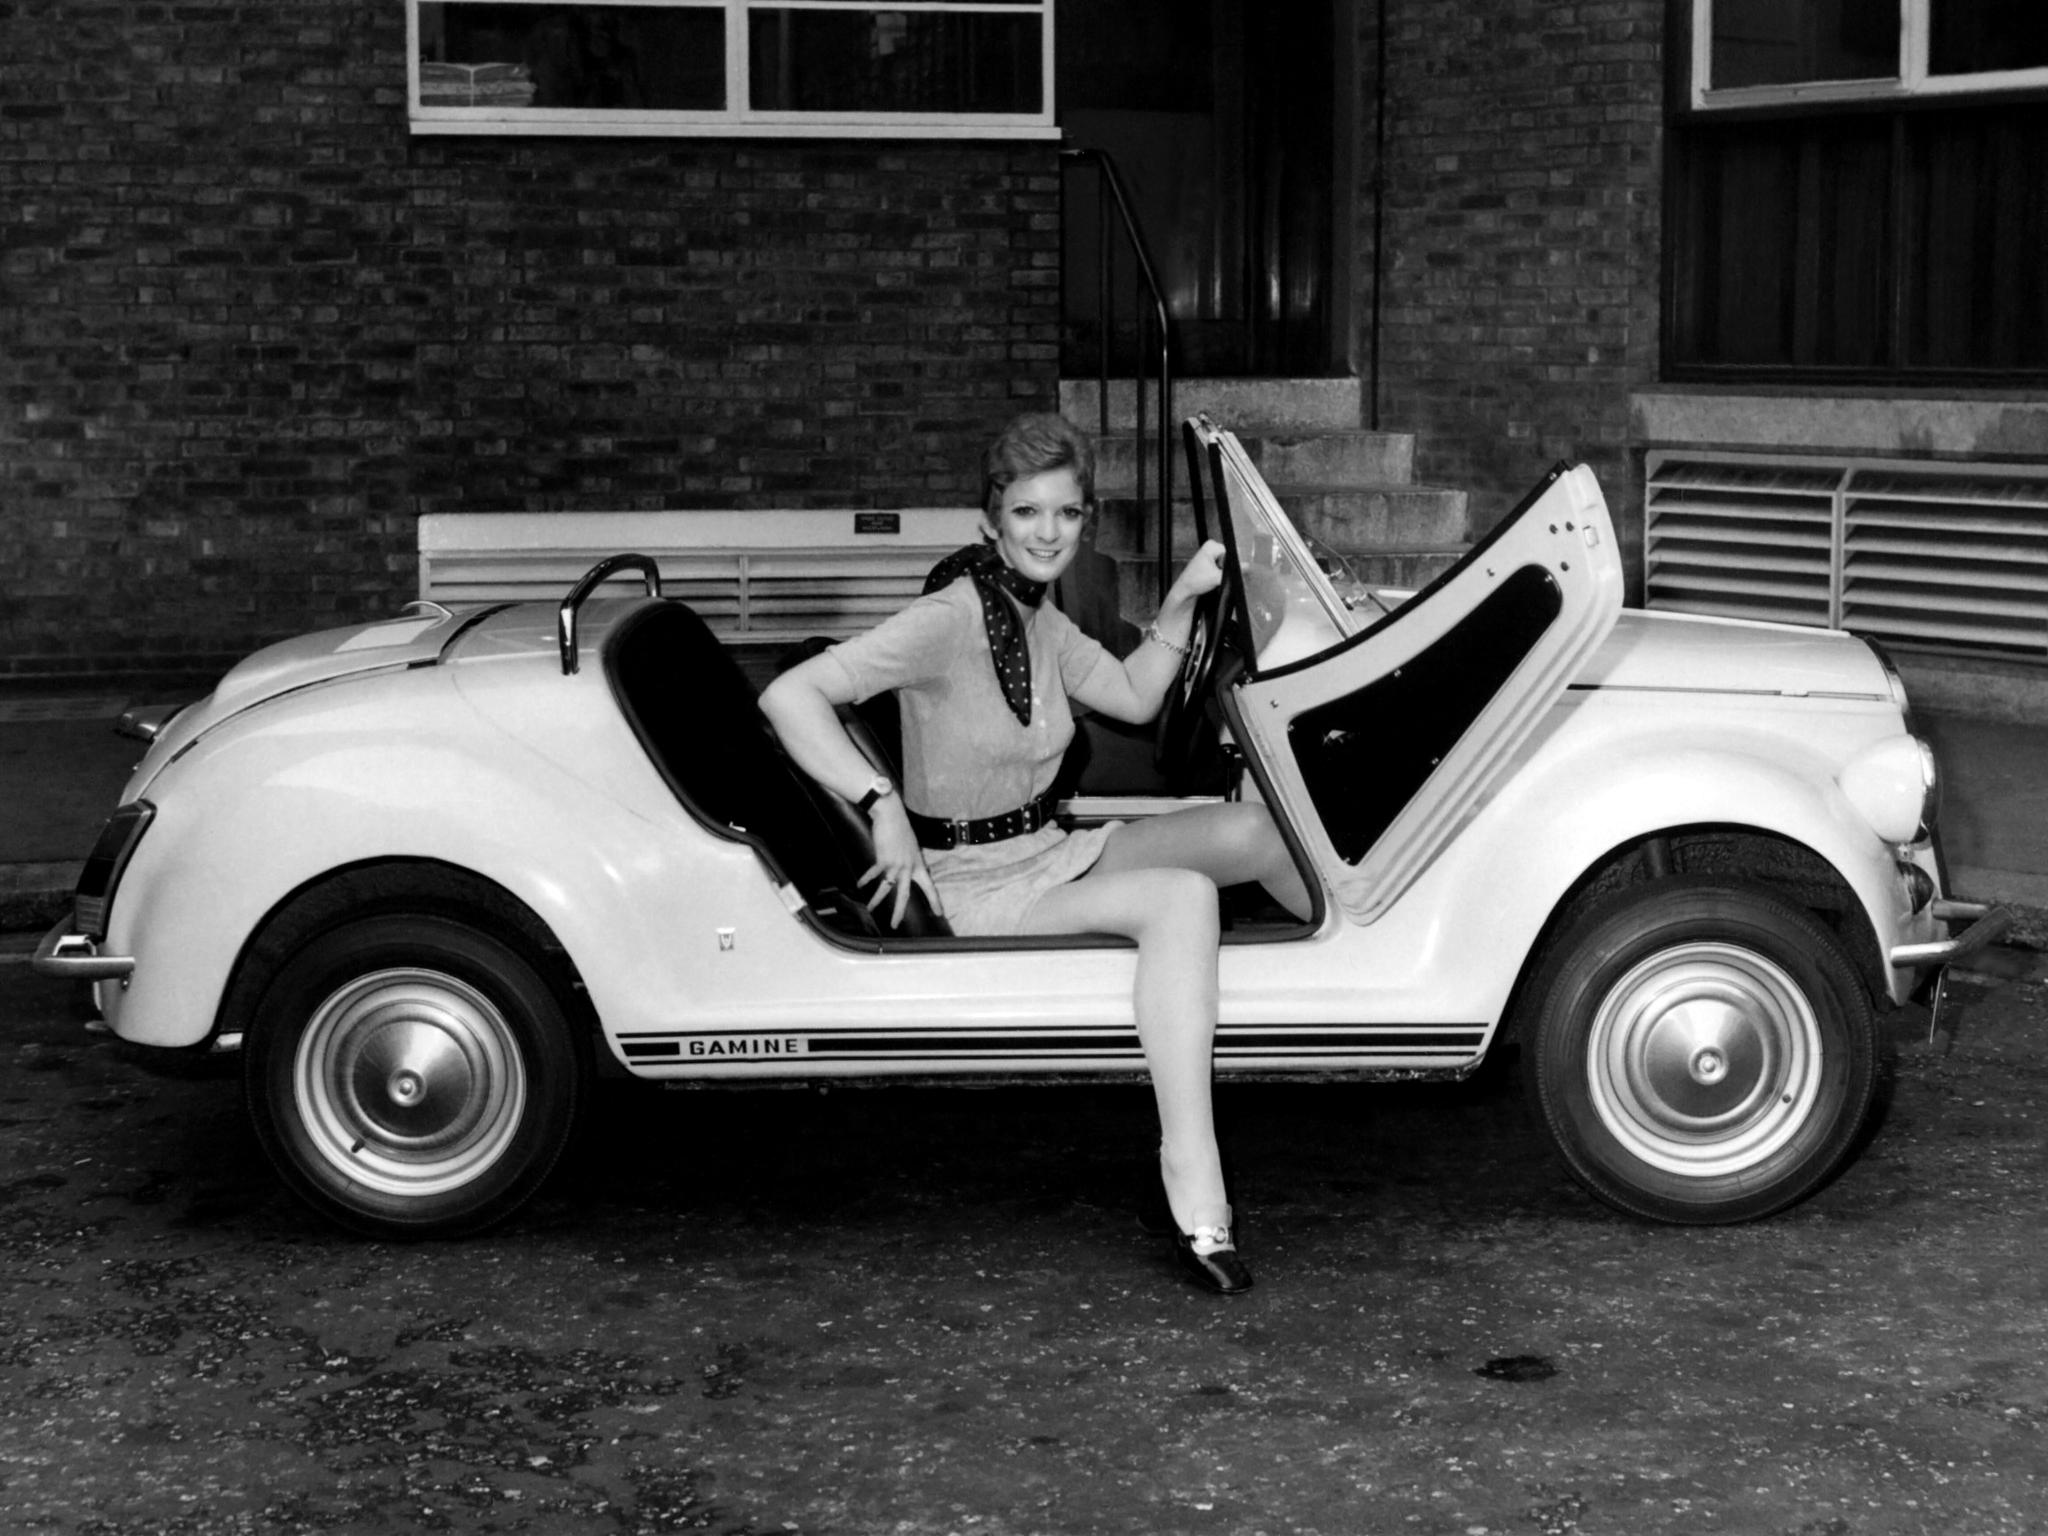 1967 Fiat 500 Gamine Classic F Wallpaper 2048x1536